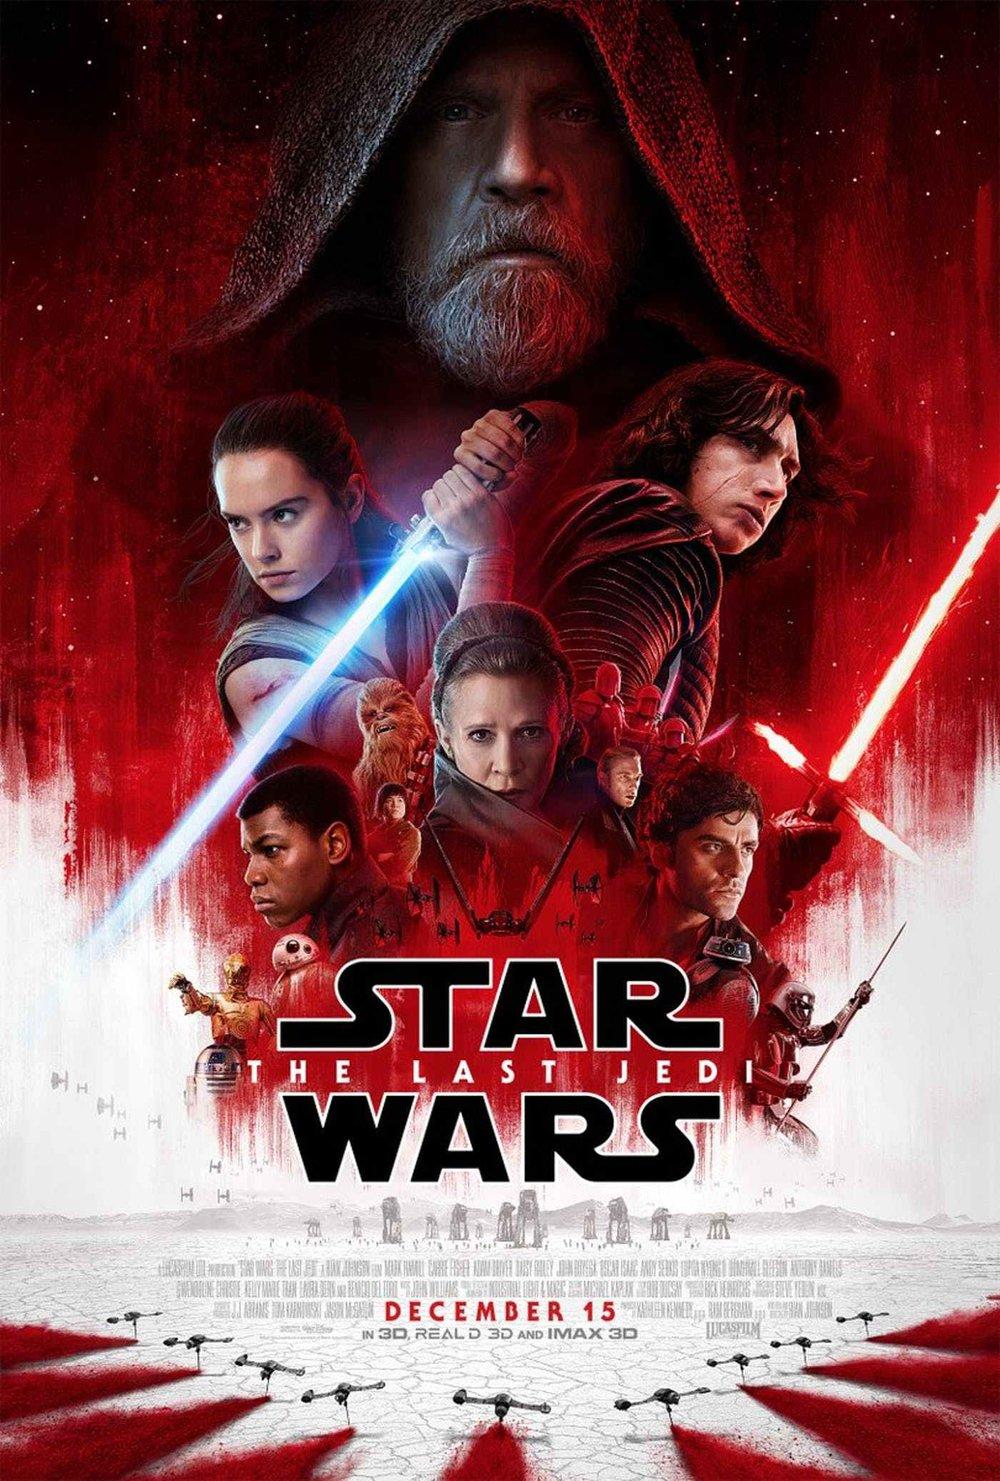 Last-Jedi-Poster.jpeg